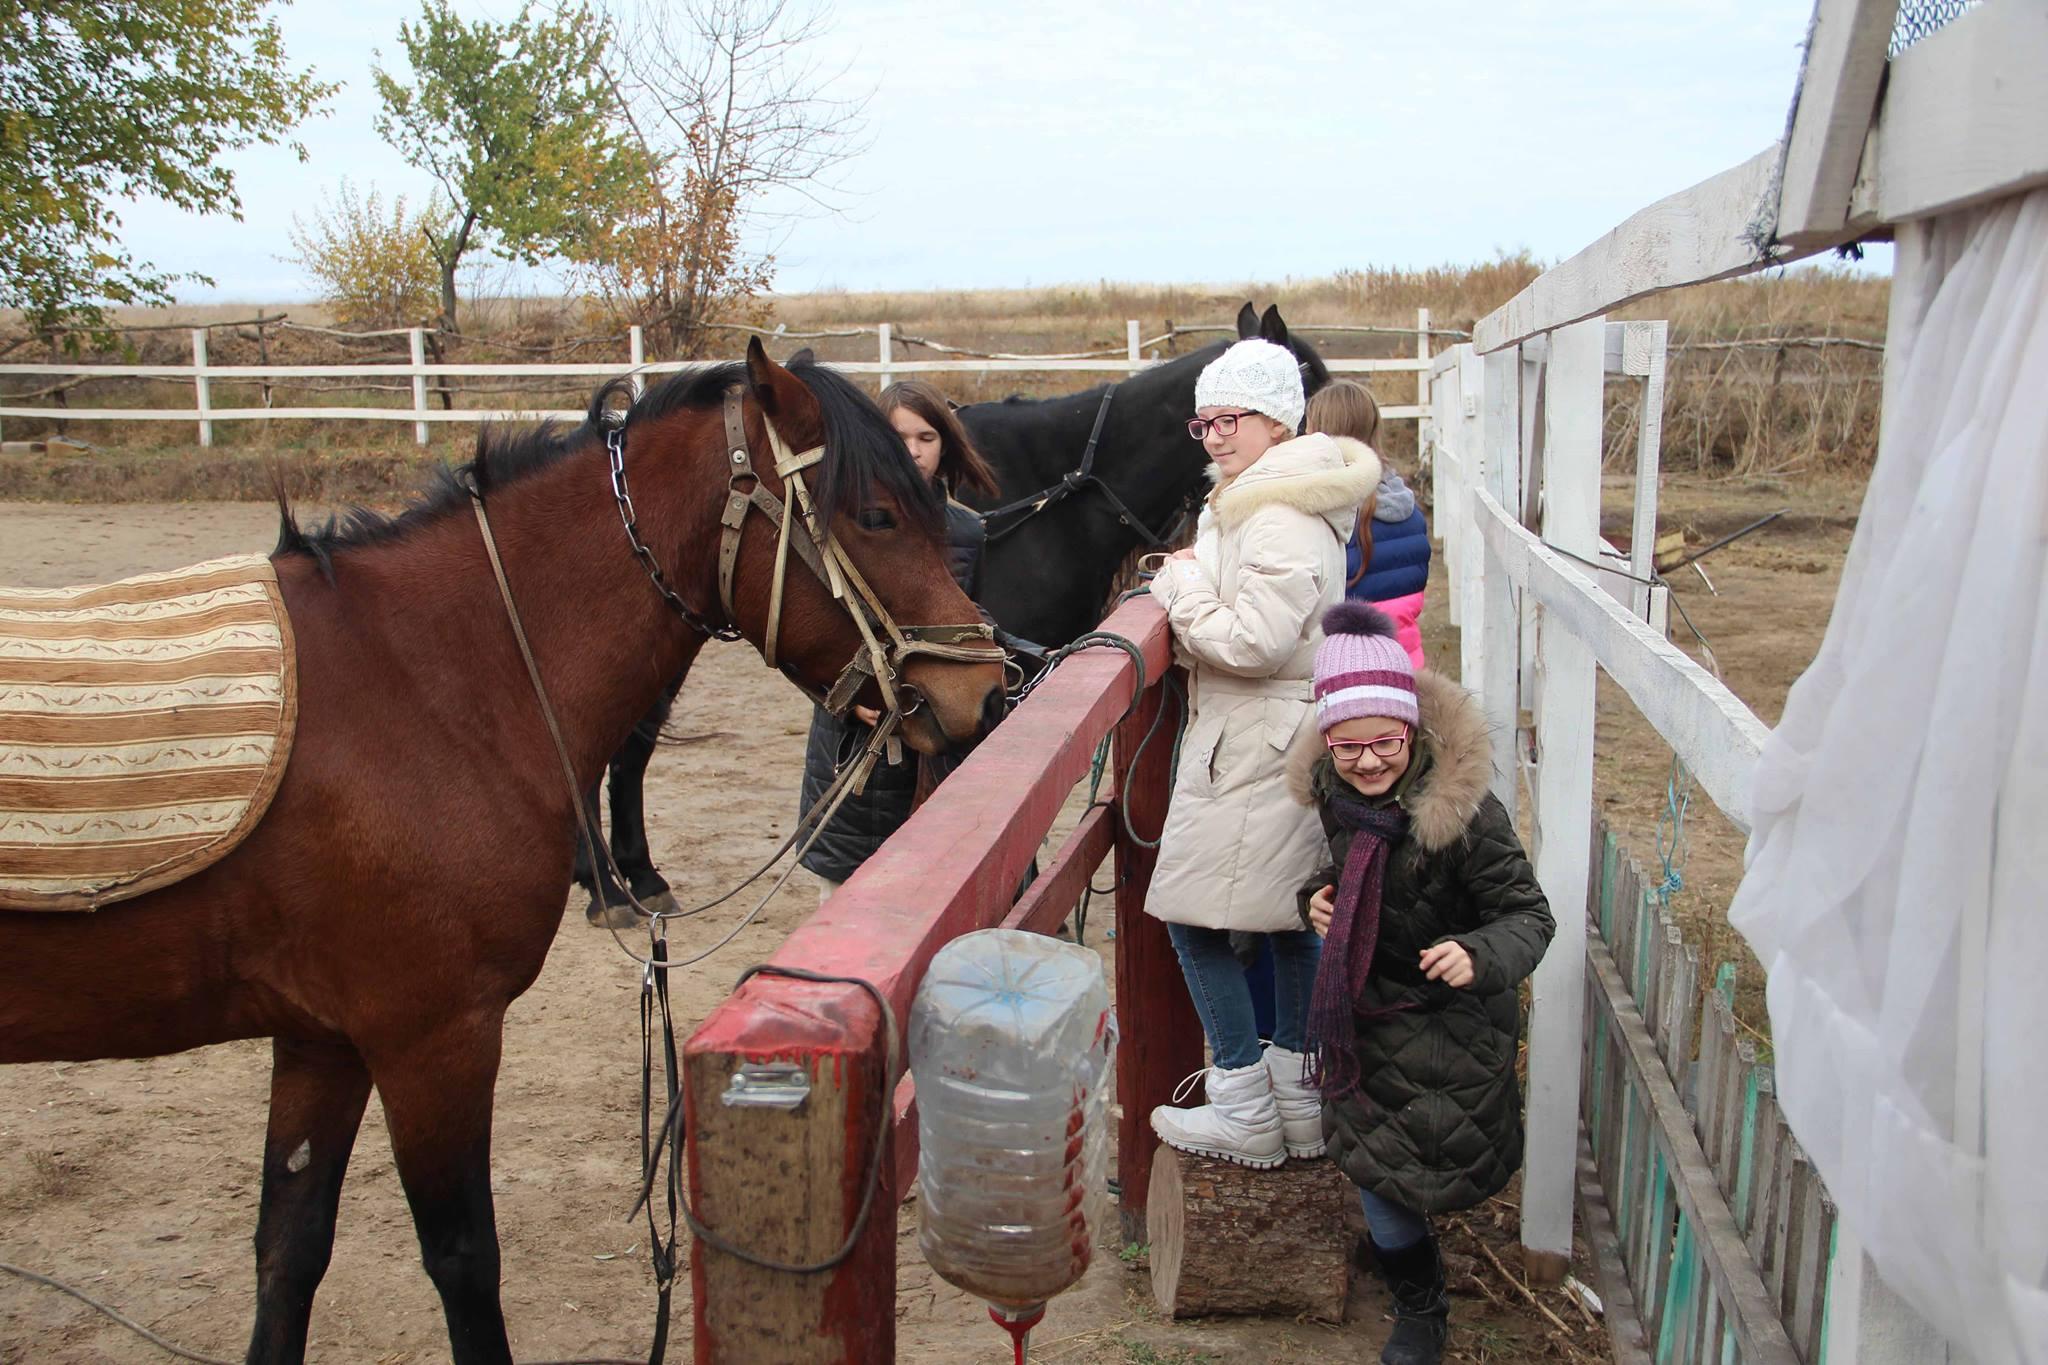 Общение с лошадьми улучшает настроение, дарит ощущение радости, снимает стресс и нервное напряжение